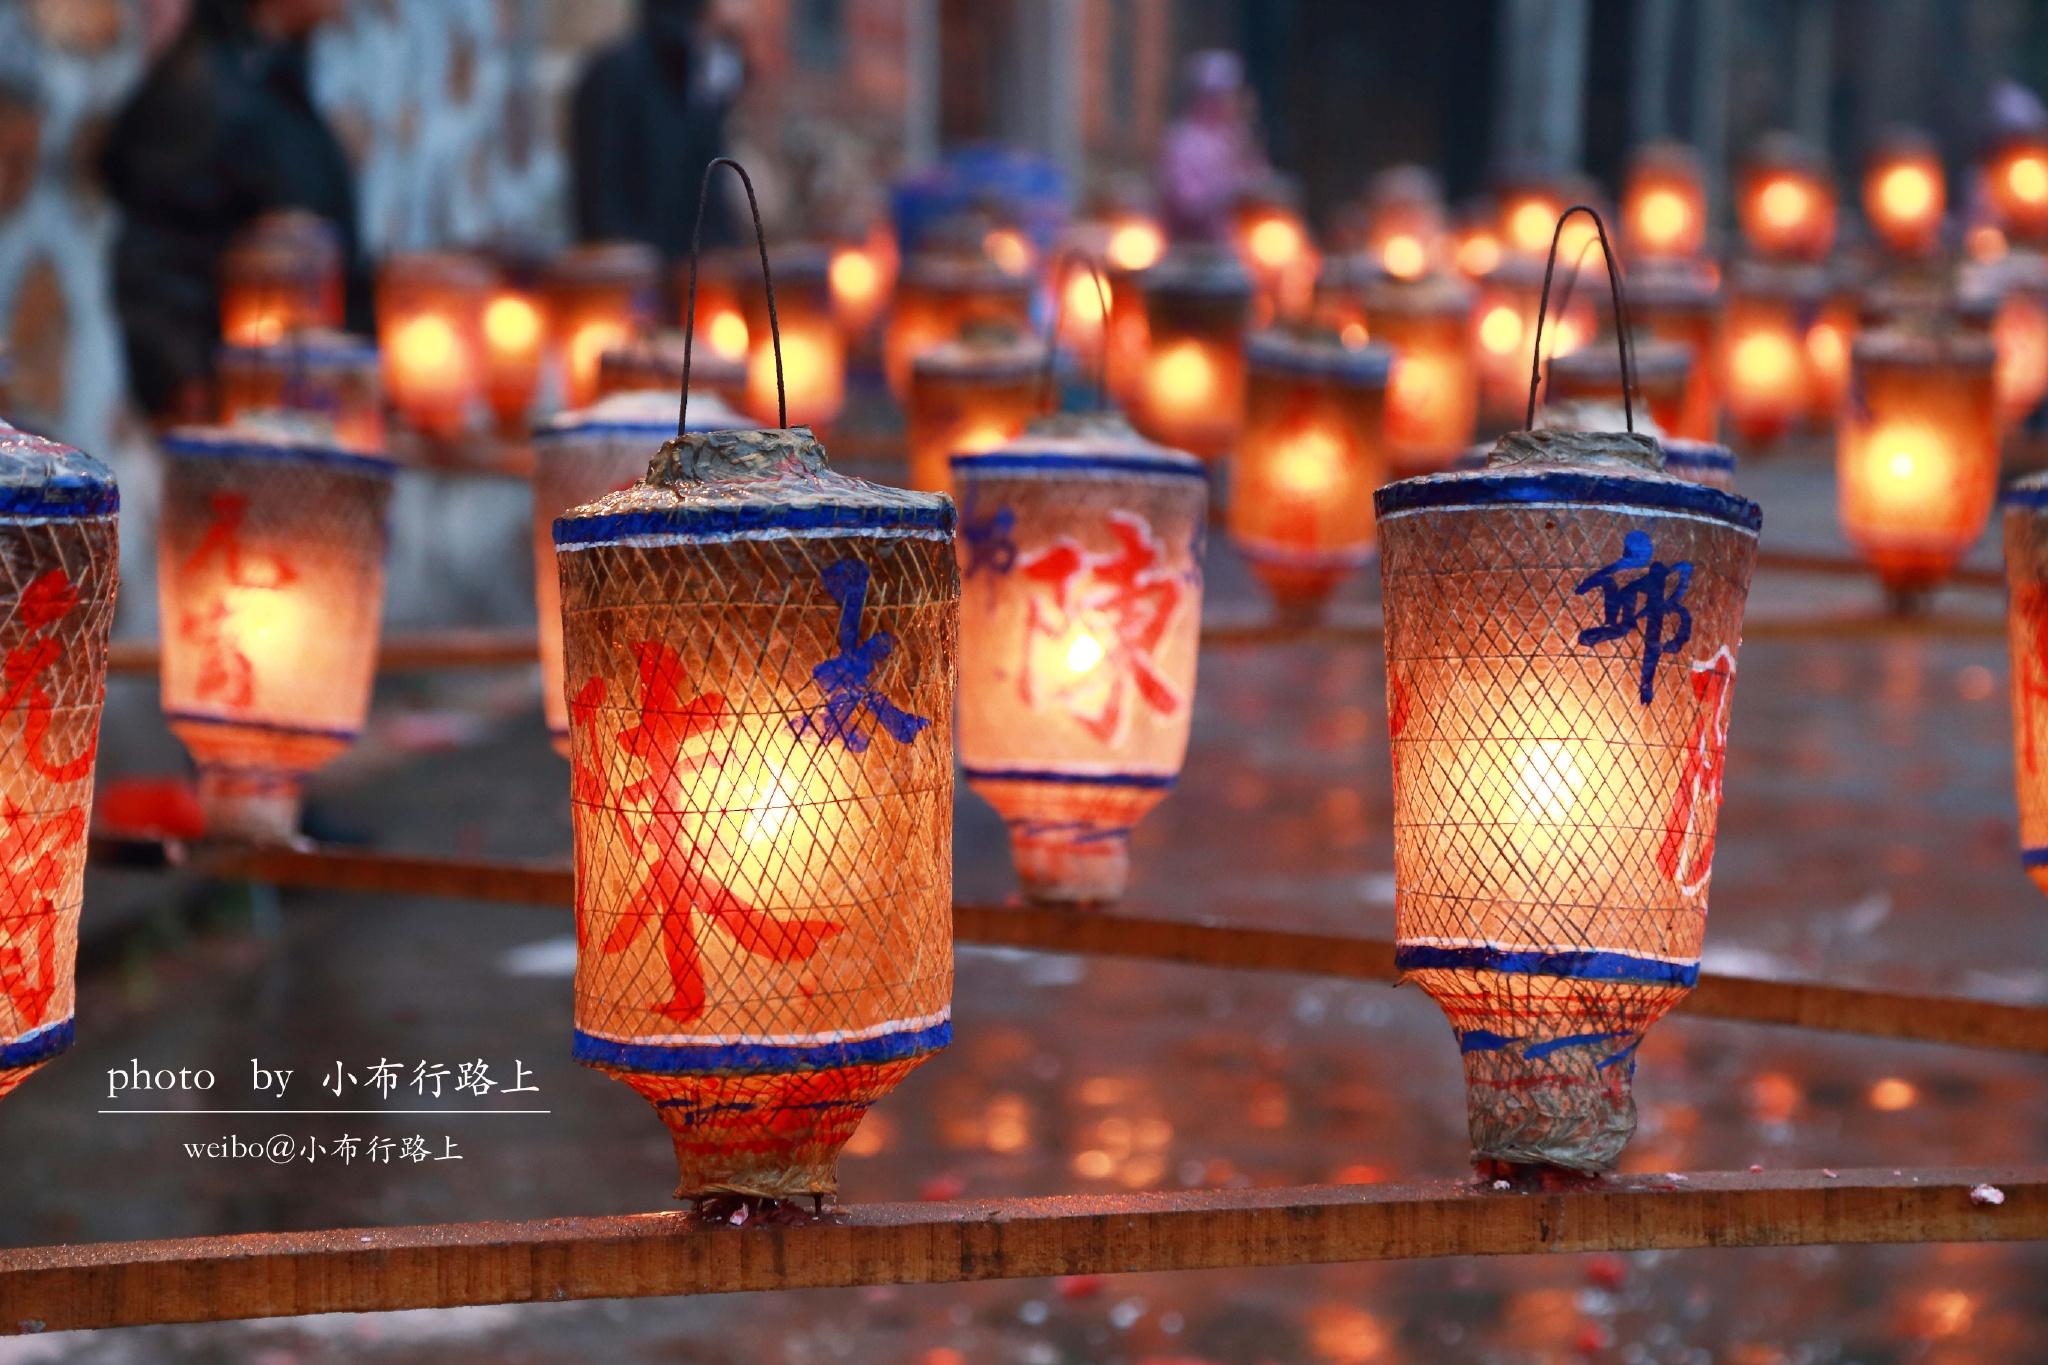 泉州樟脚村藏着非遗文化,元宵节一定要去看看